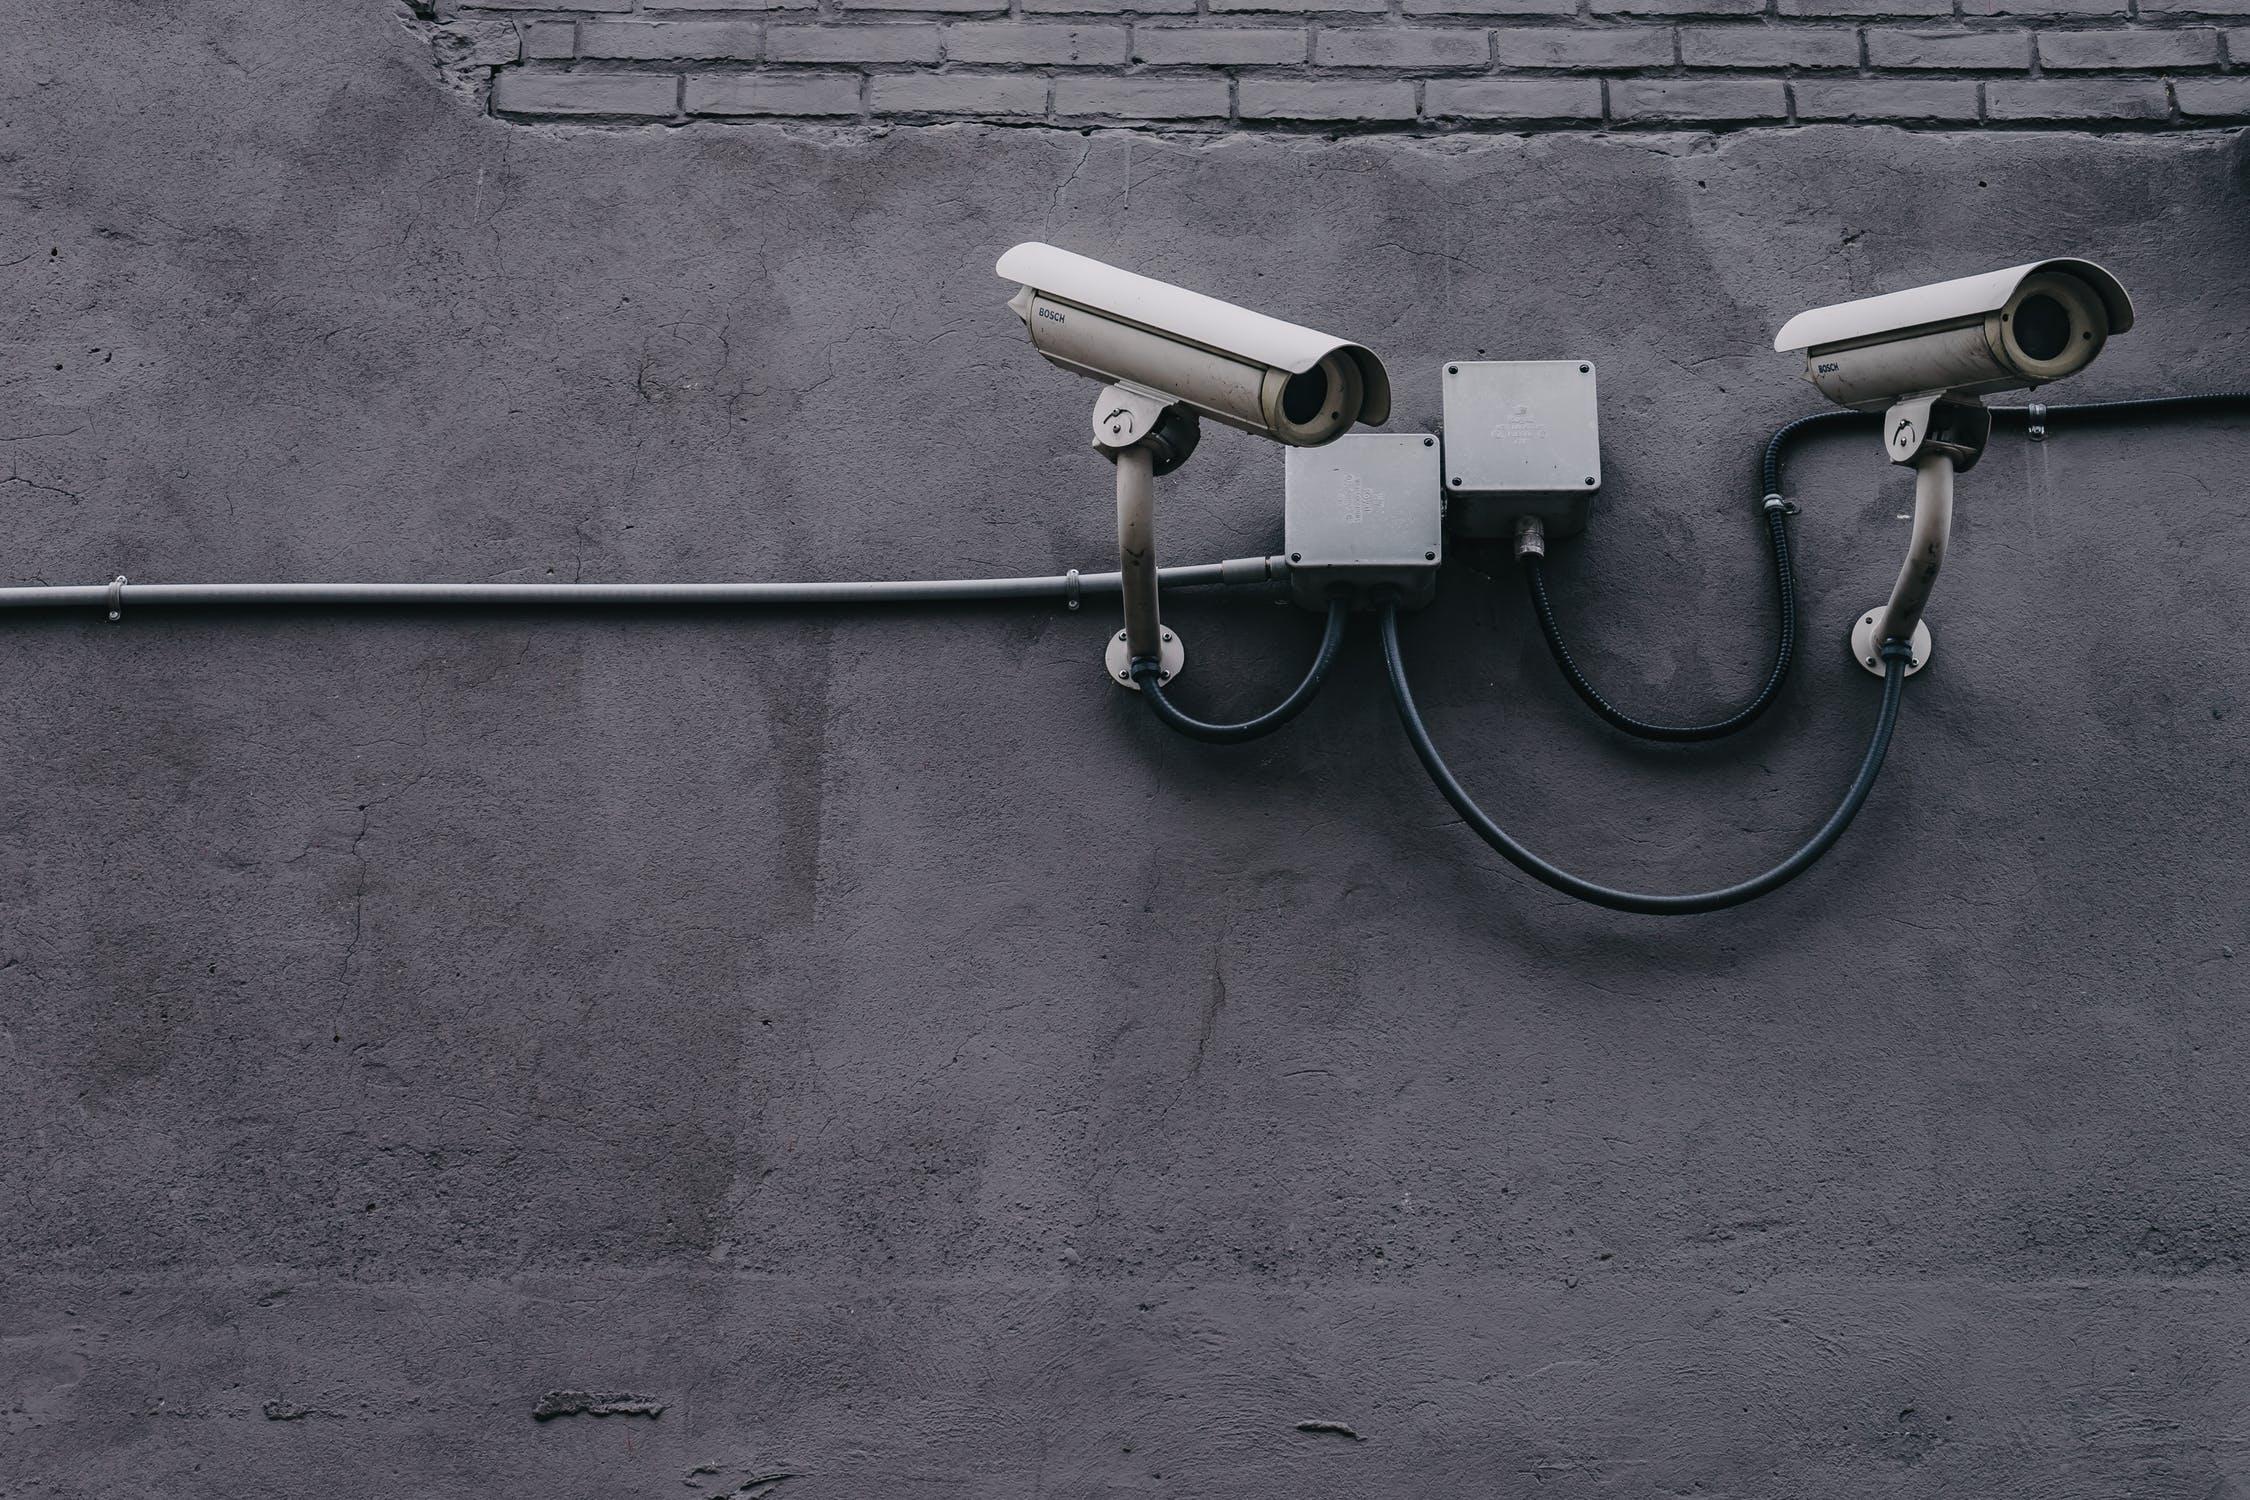 Parede com 2 câmeras de vigilância